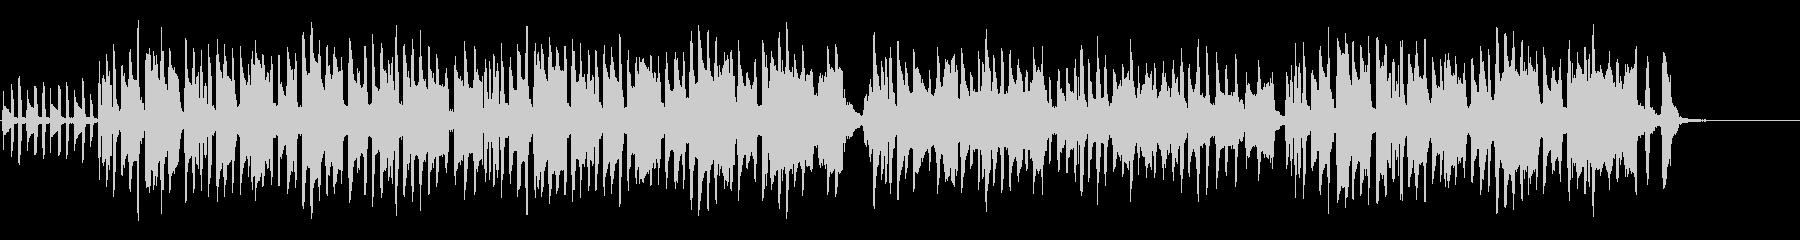 古風でシンプルなワルツの未再生の波形